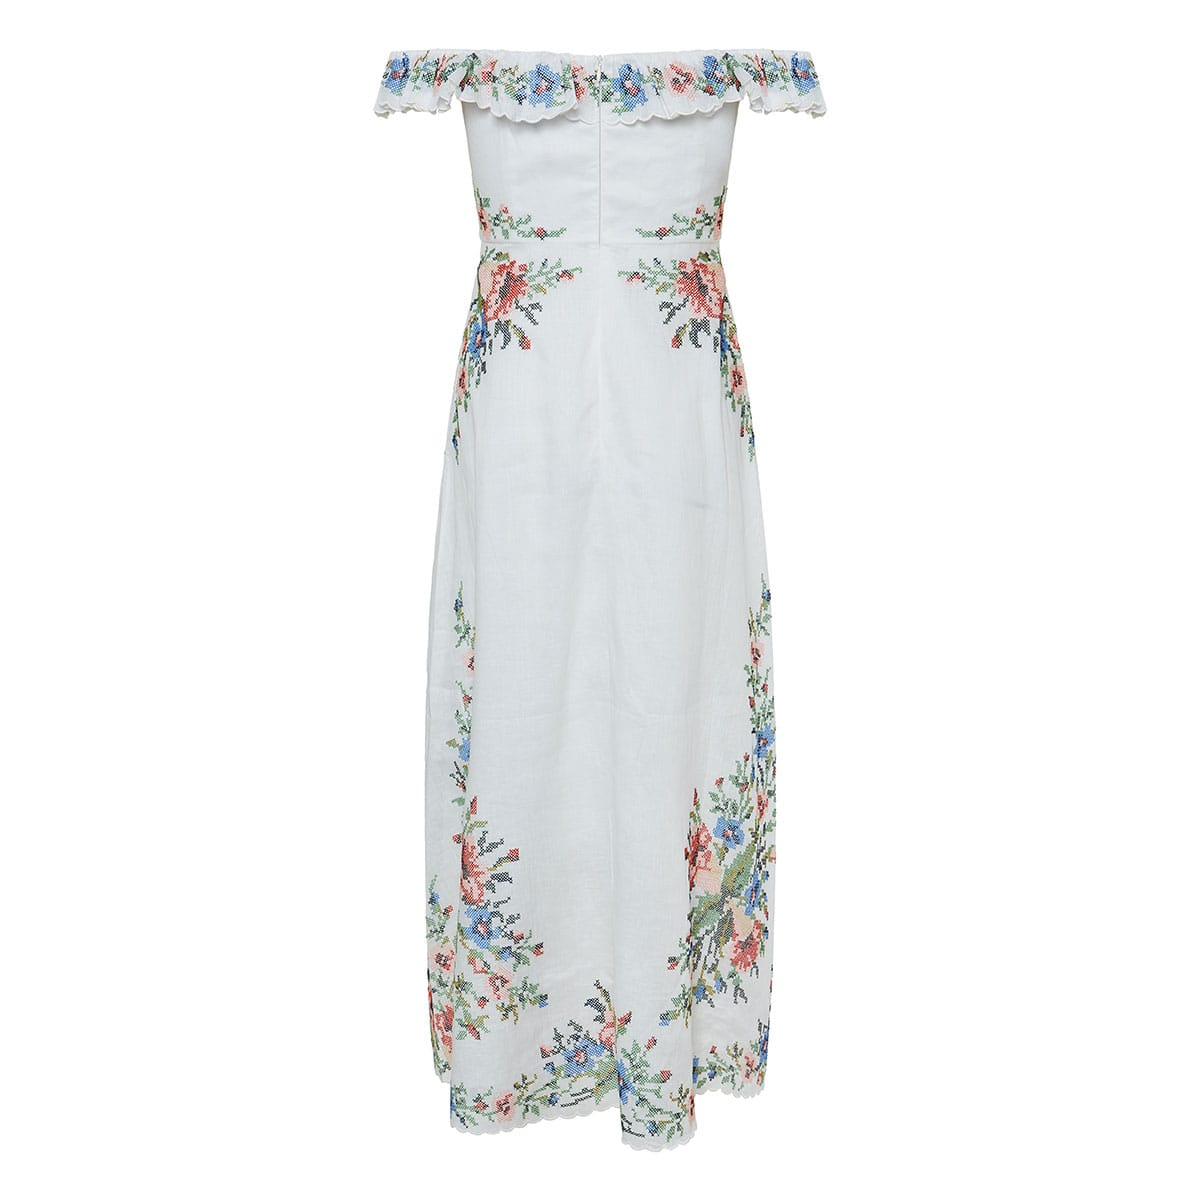 Juliette floral-embroidered off-the-shoulder midi dress